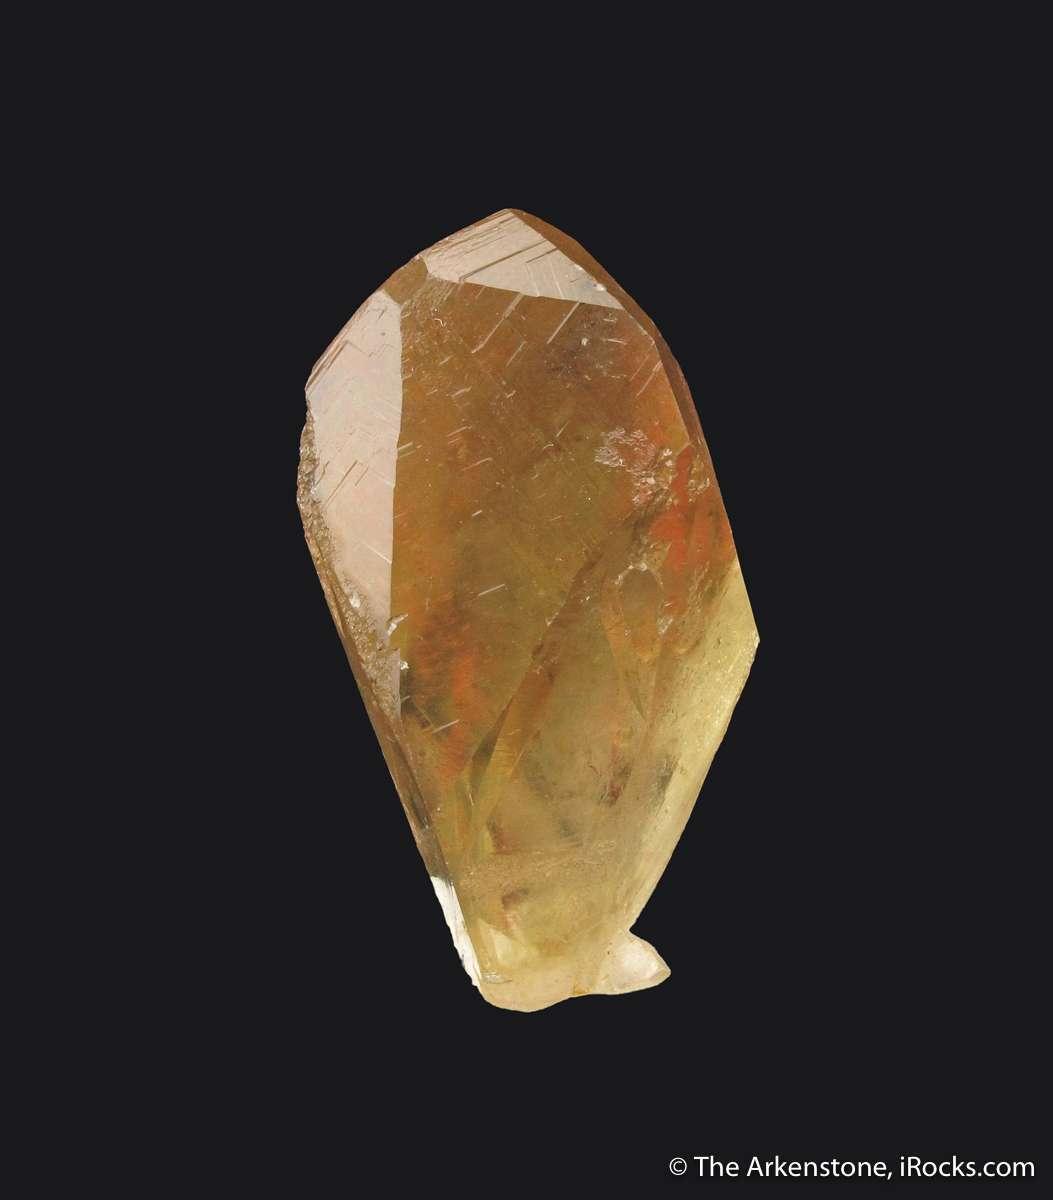 Found July 1961 210 meter level Caecilia Mine gemmy Fluorite rare 731